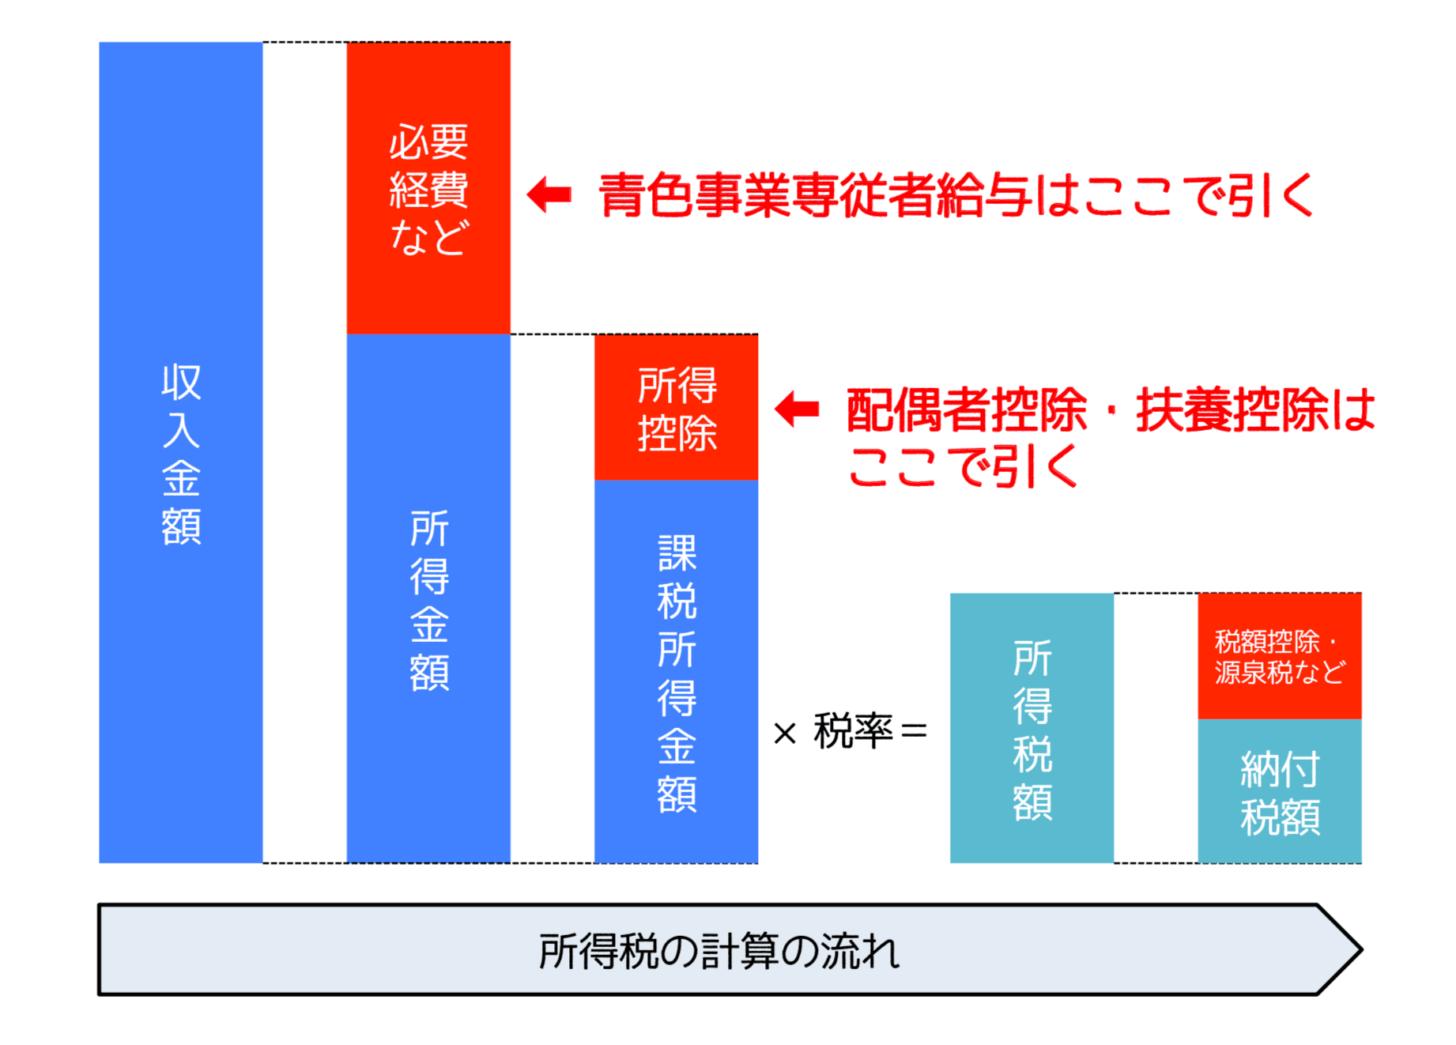 青色専従者給与は所得計算上控除、配偶者控除・扶養控除は所得控除